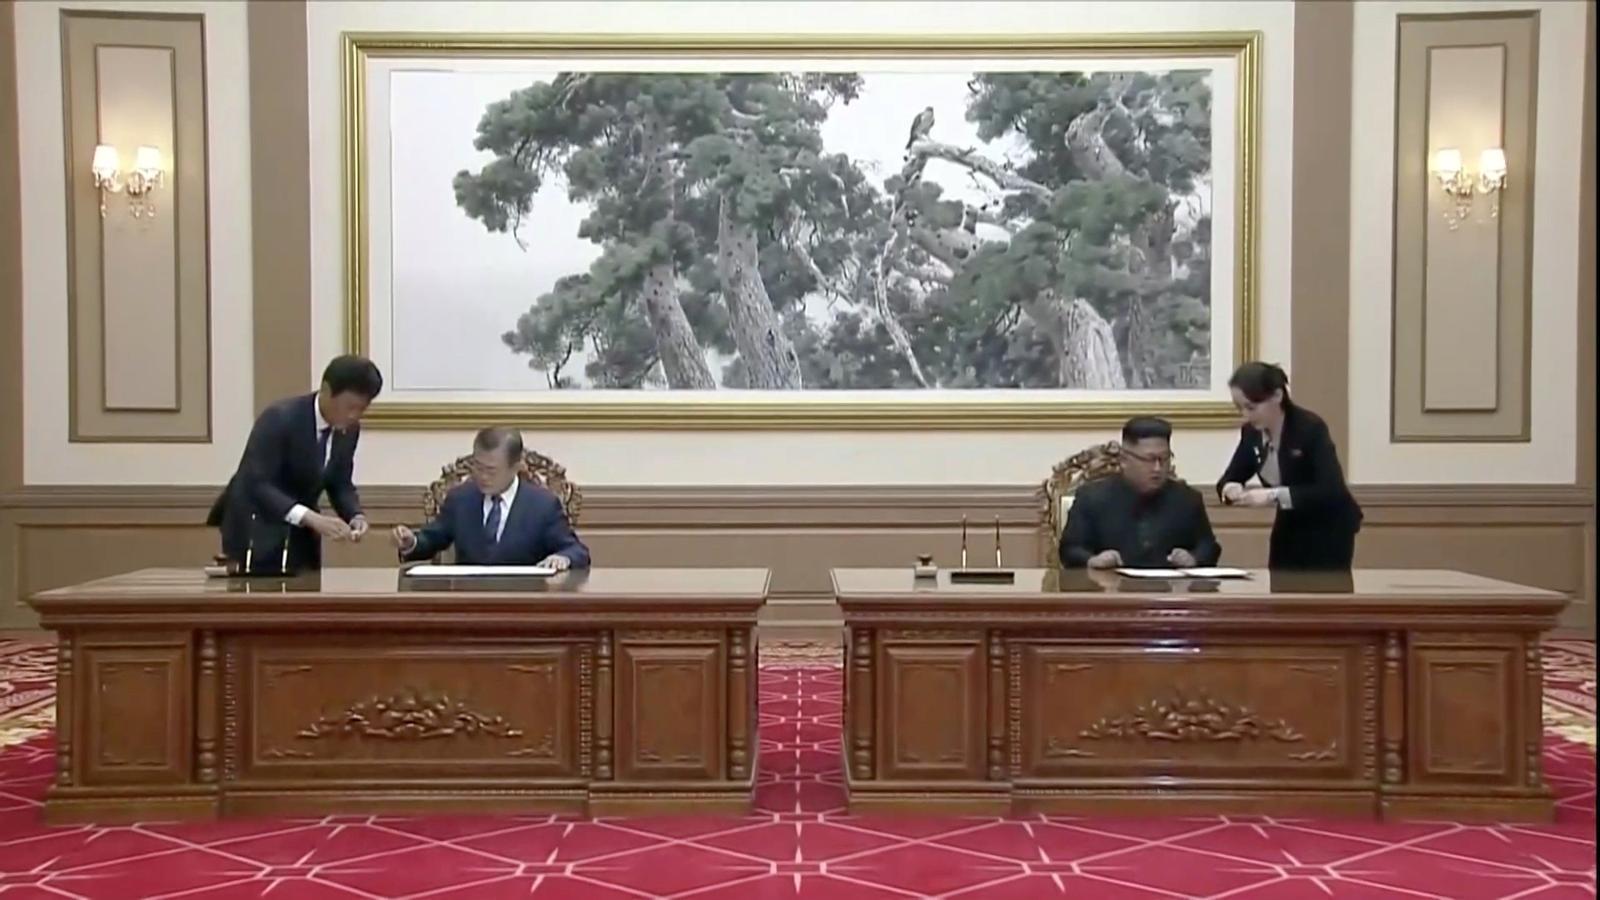 Moment en què Kim Jong-un i Moon Jae-in signen el document d'acord.